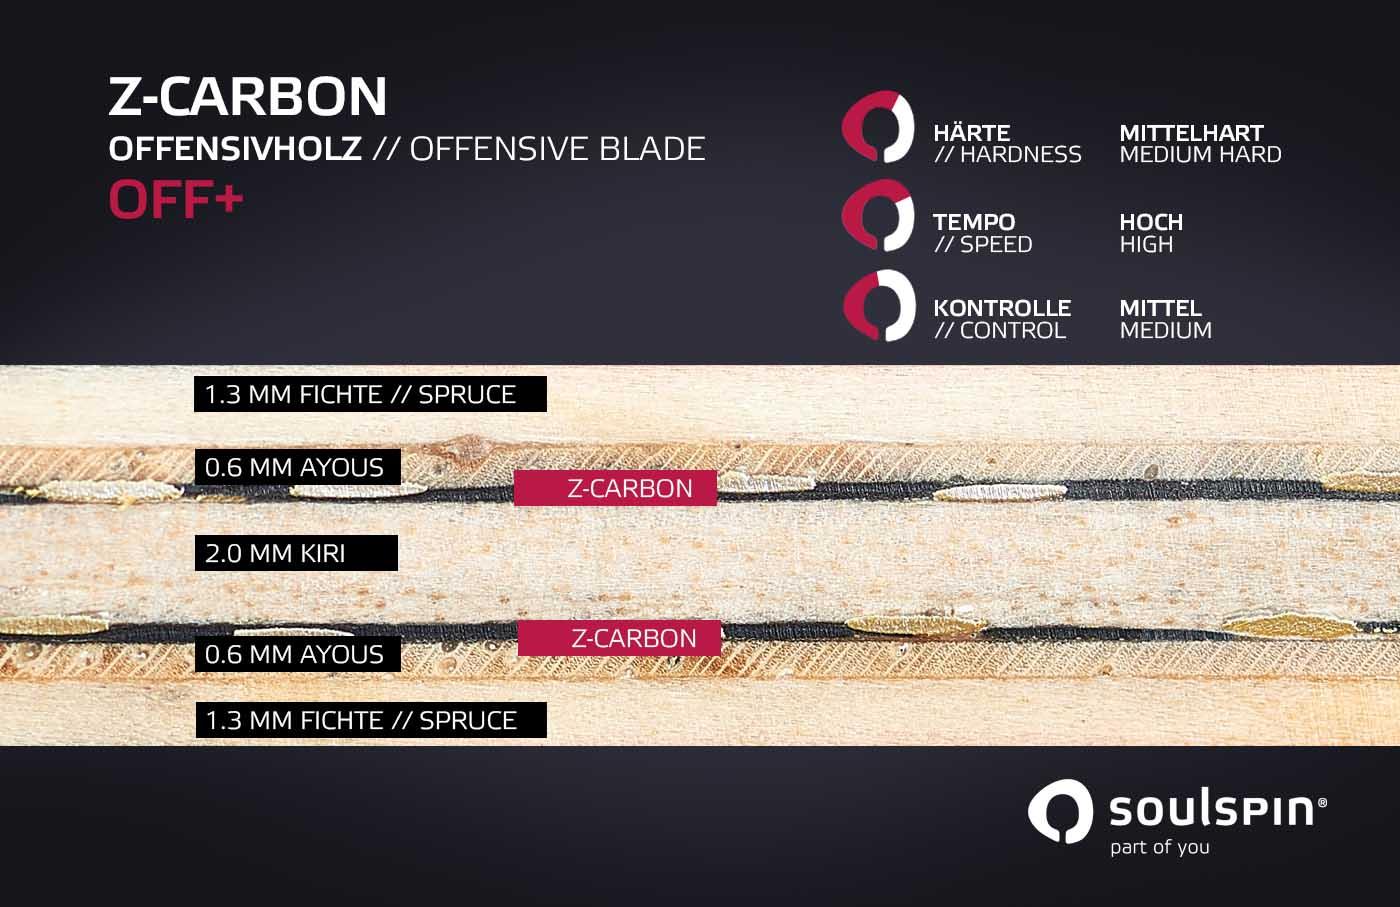 Querschnitt durch das offensive Tischtennisholz Z-Carbon mit Kunstfasereinlage von Soulspin